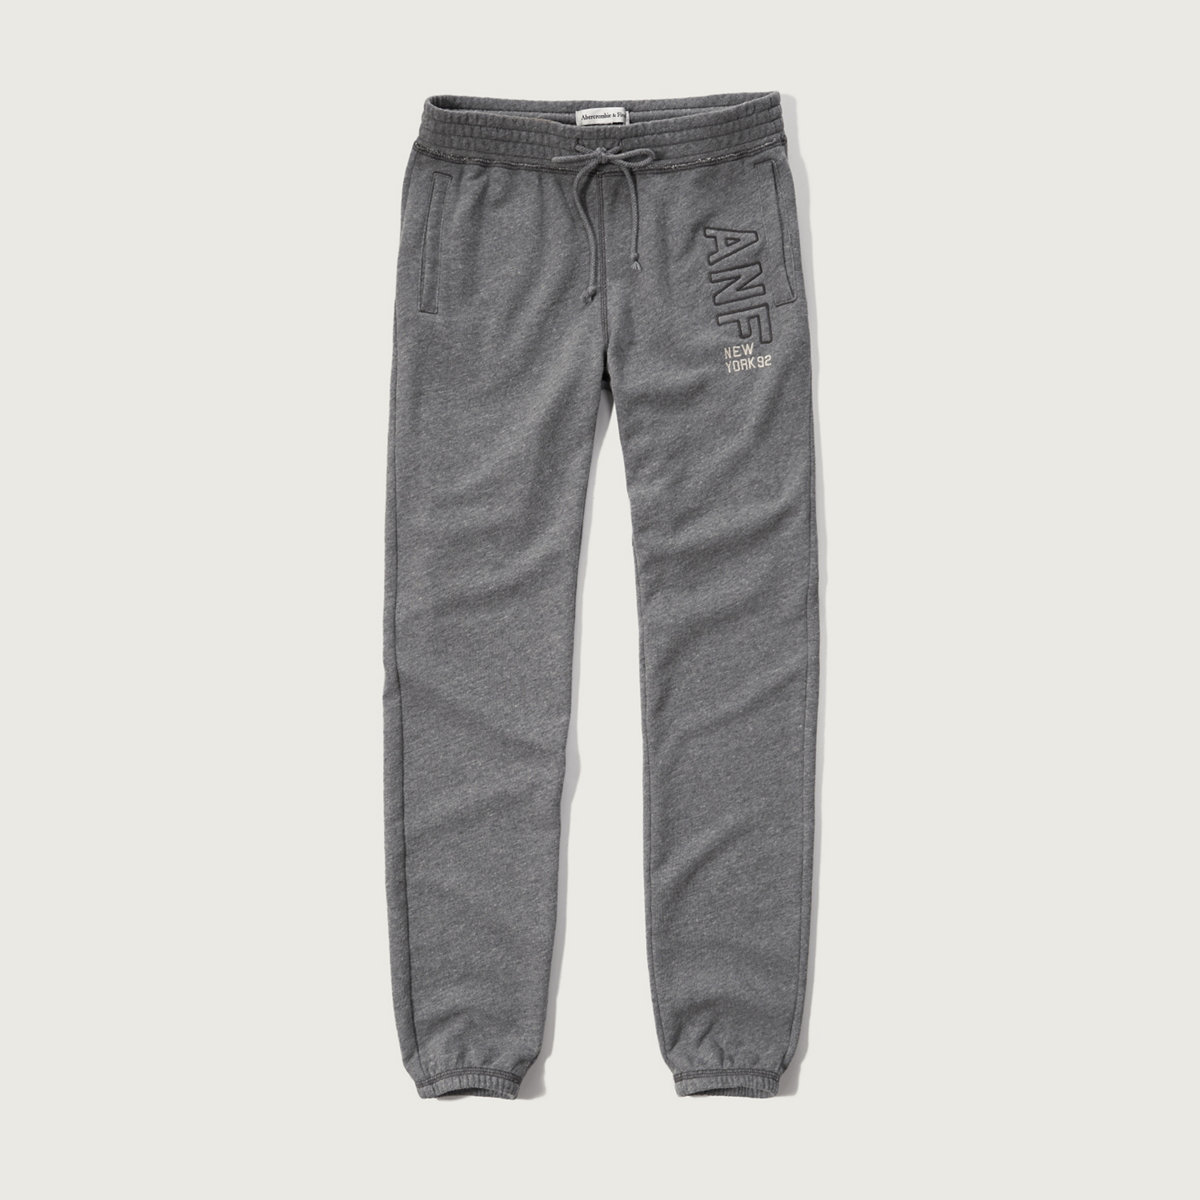 Banded Fleece Sweatpants